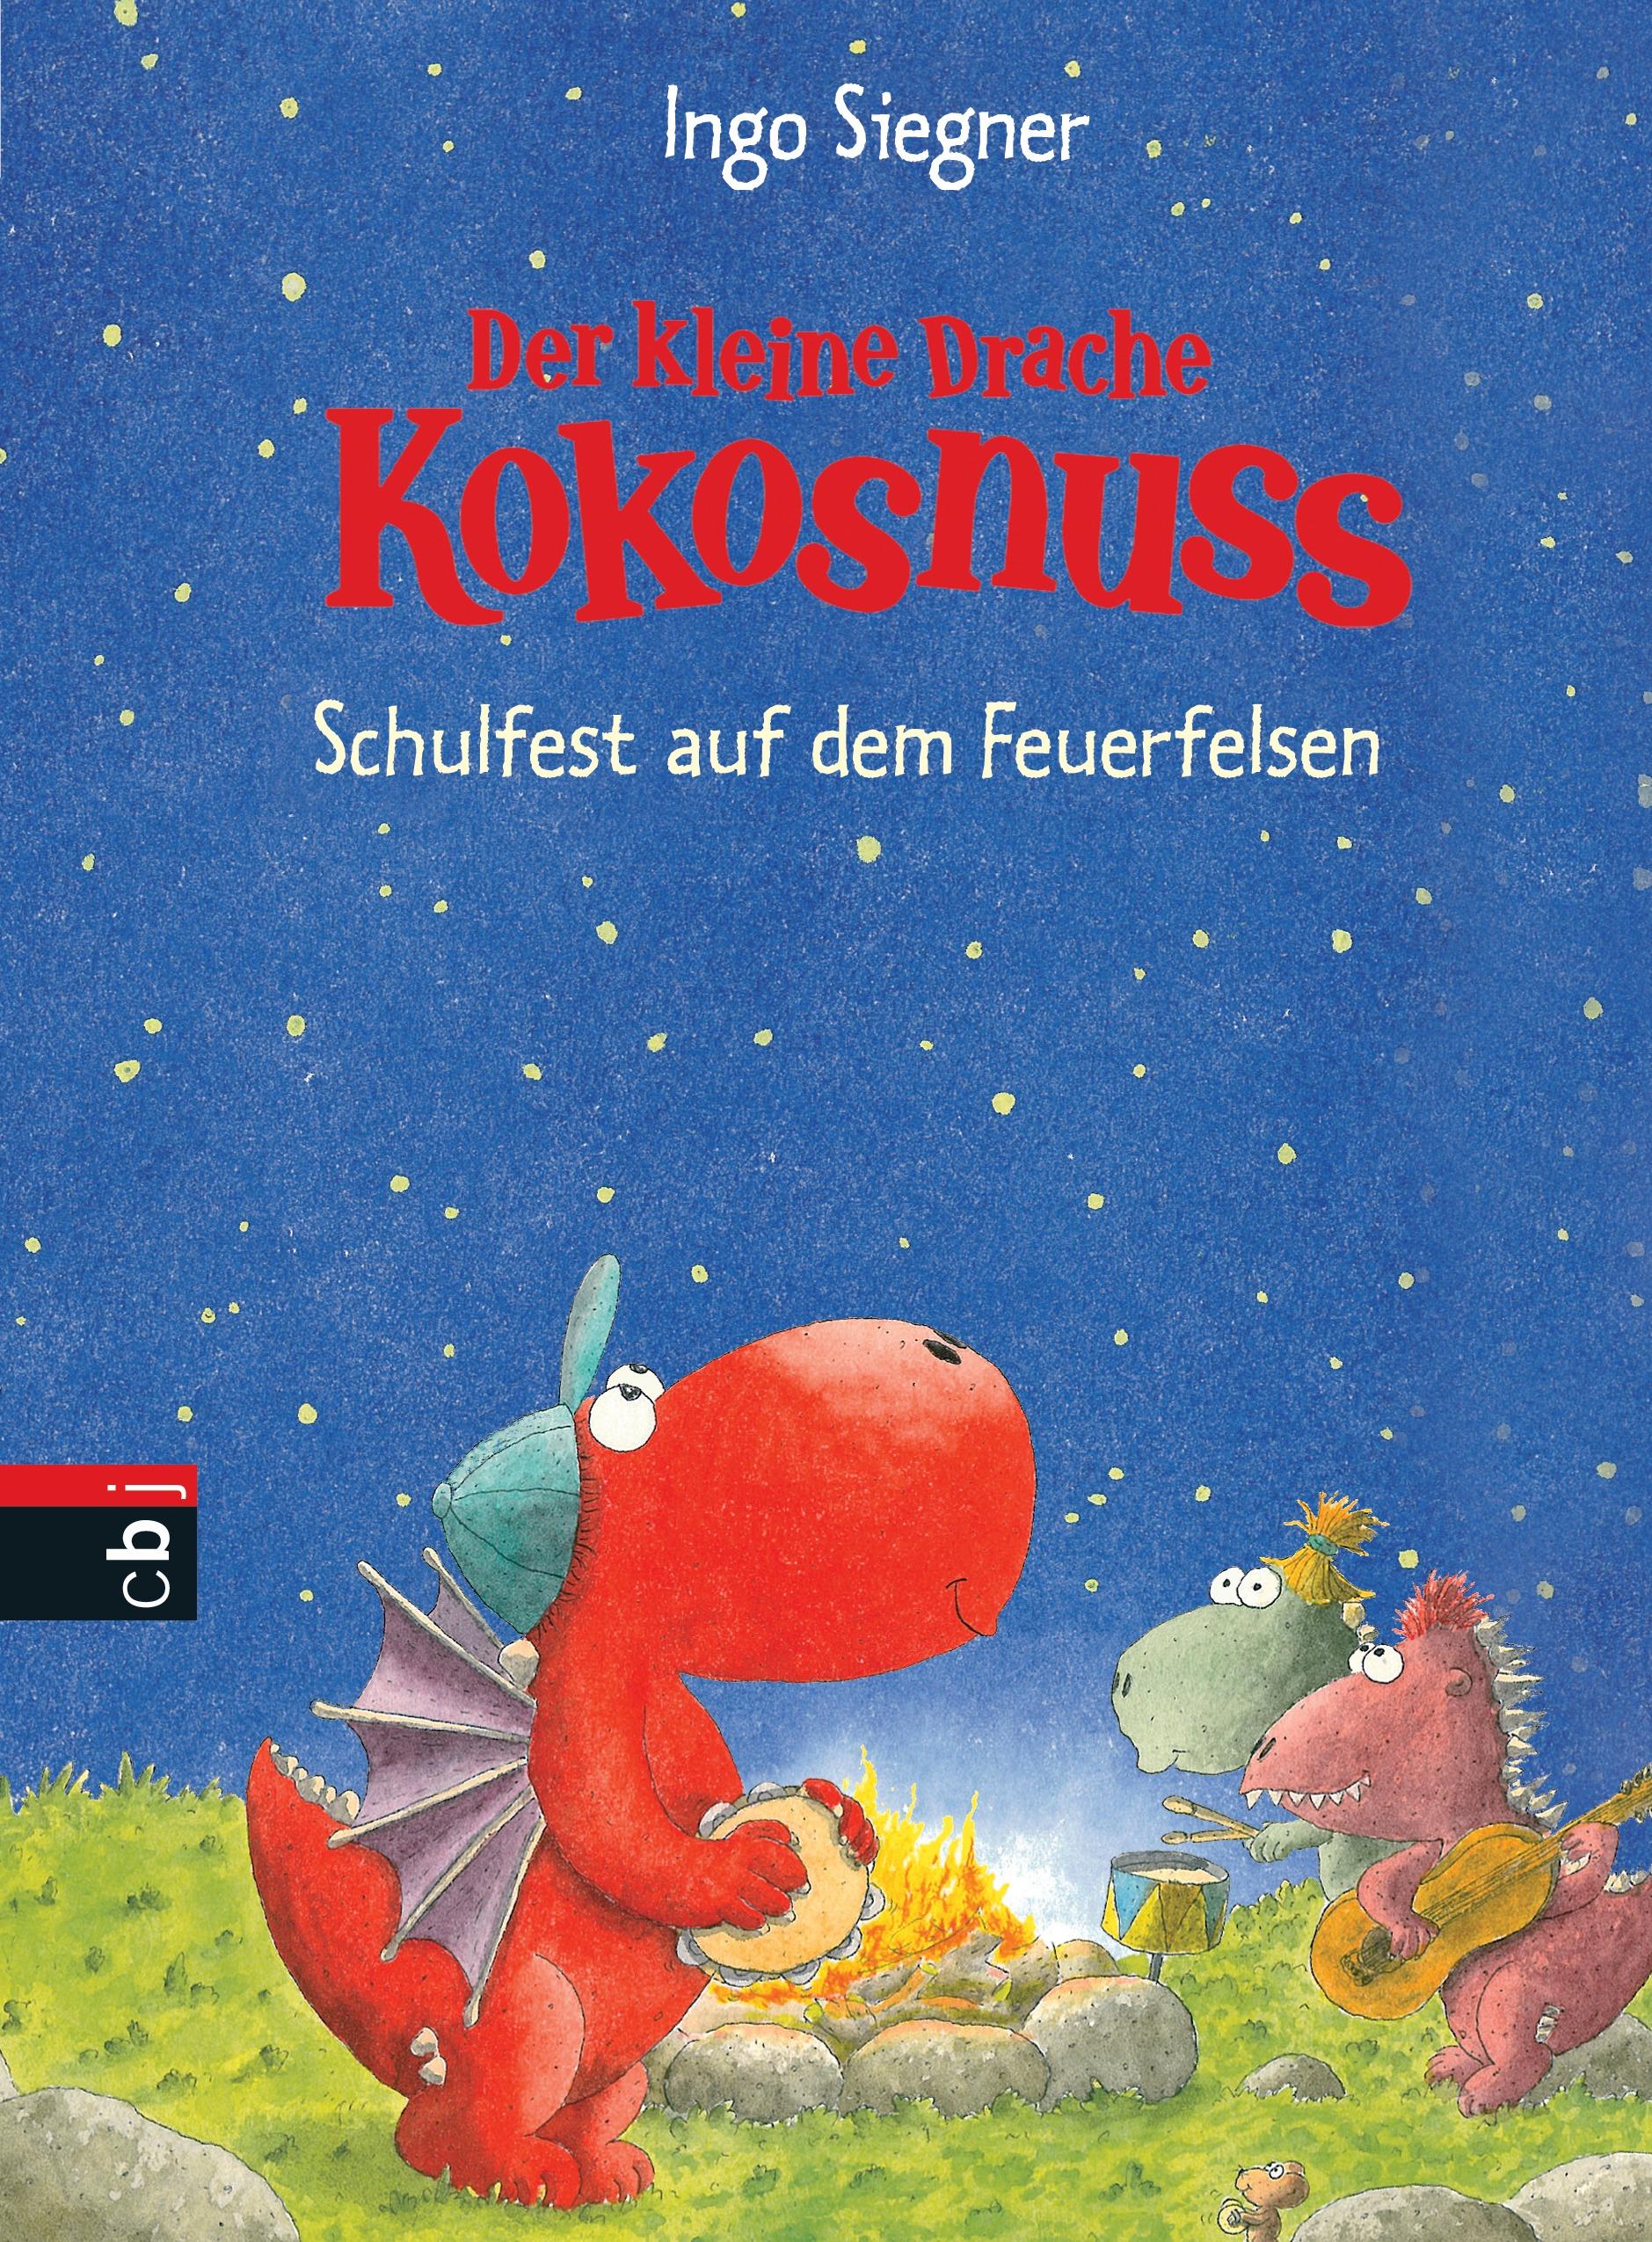 Der kleine Drache Kokosnuss - Schulfest auf dem Feuerfelsen - Ingo Siegner